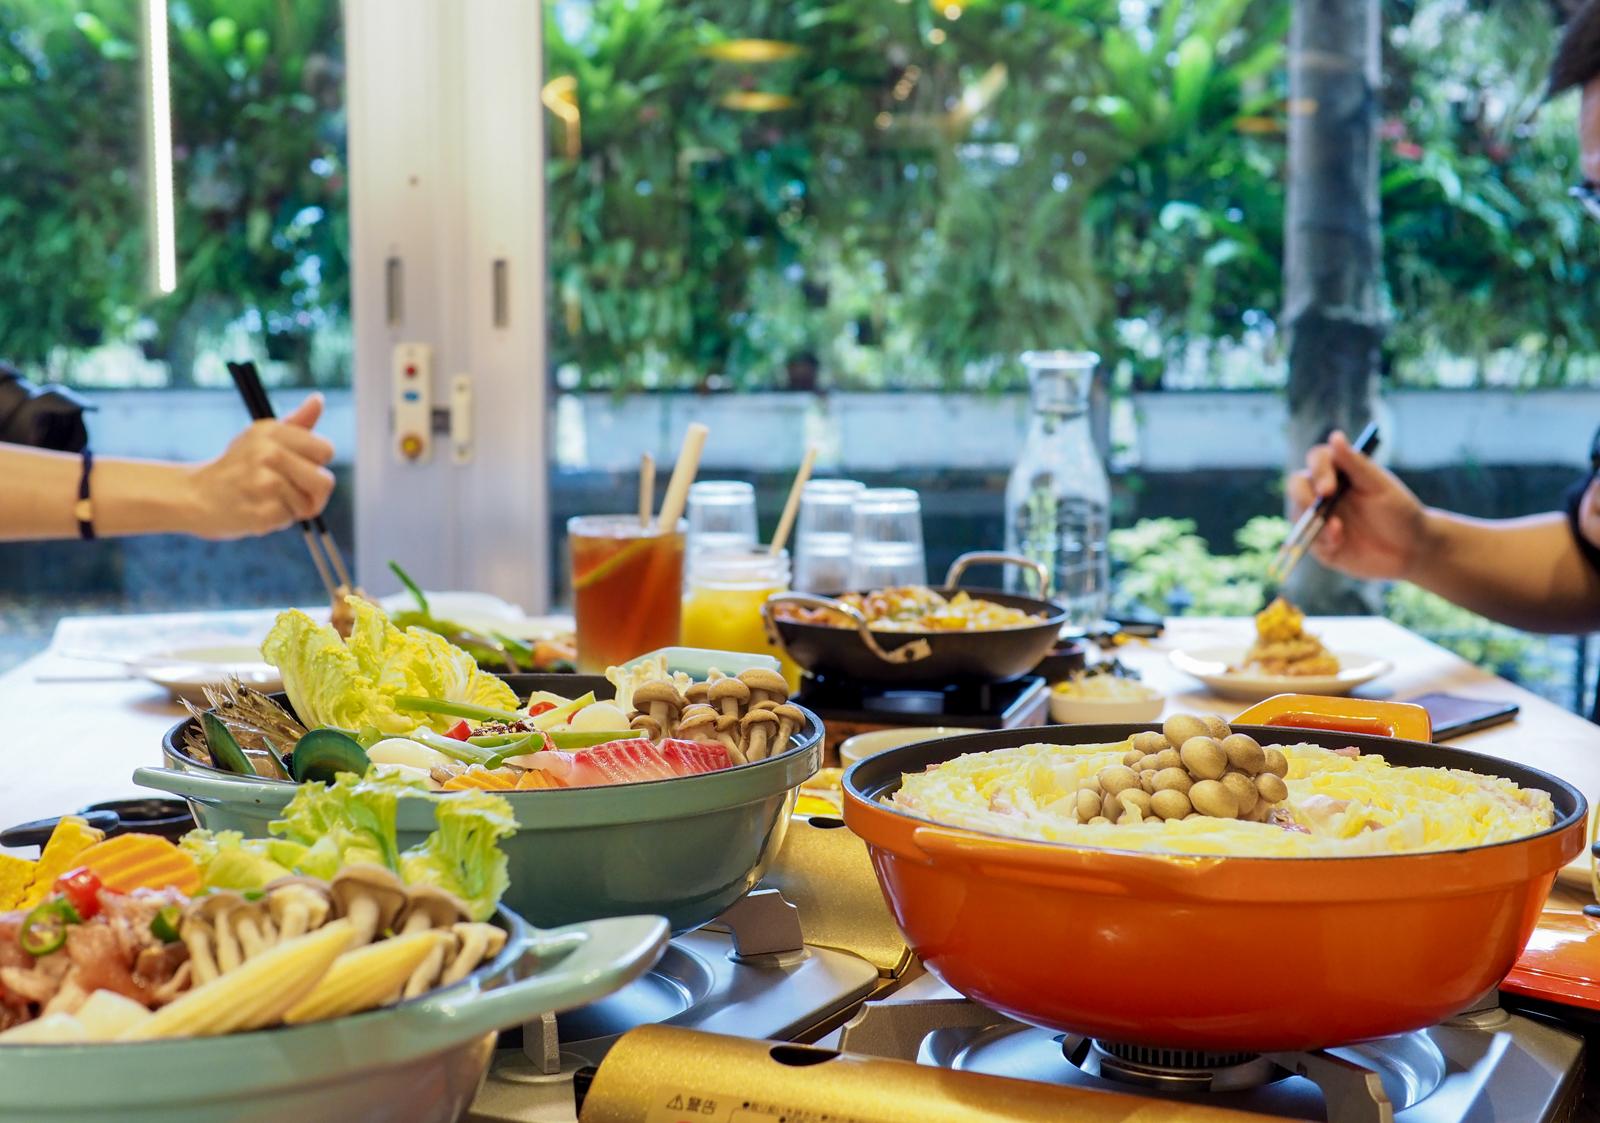 【大直美食】劉震川韓潮吧 台北大直旗艦店 帶給你不同清爽體驗的新韓式料理